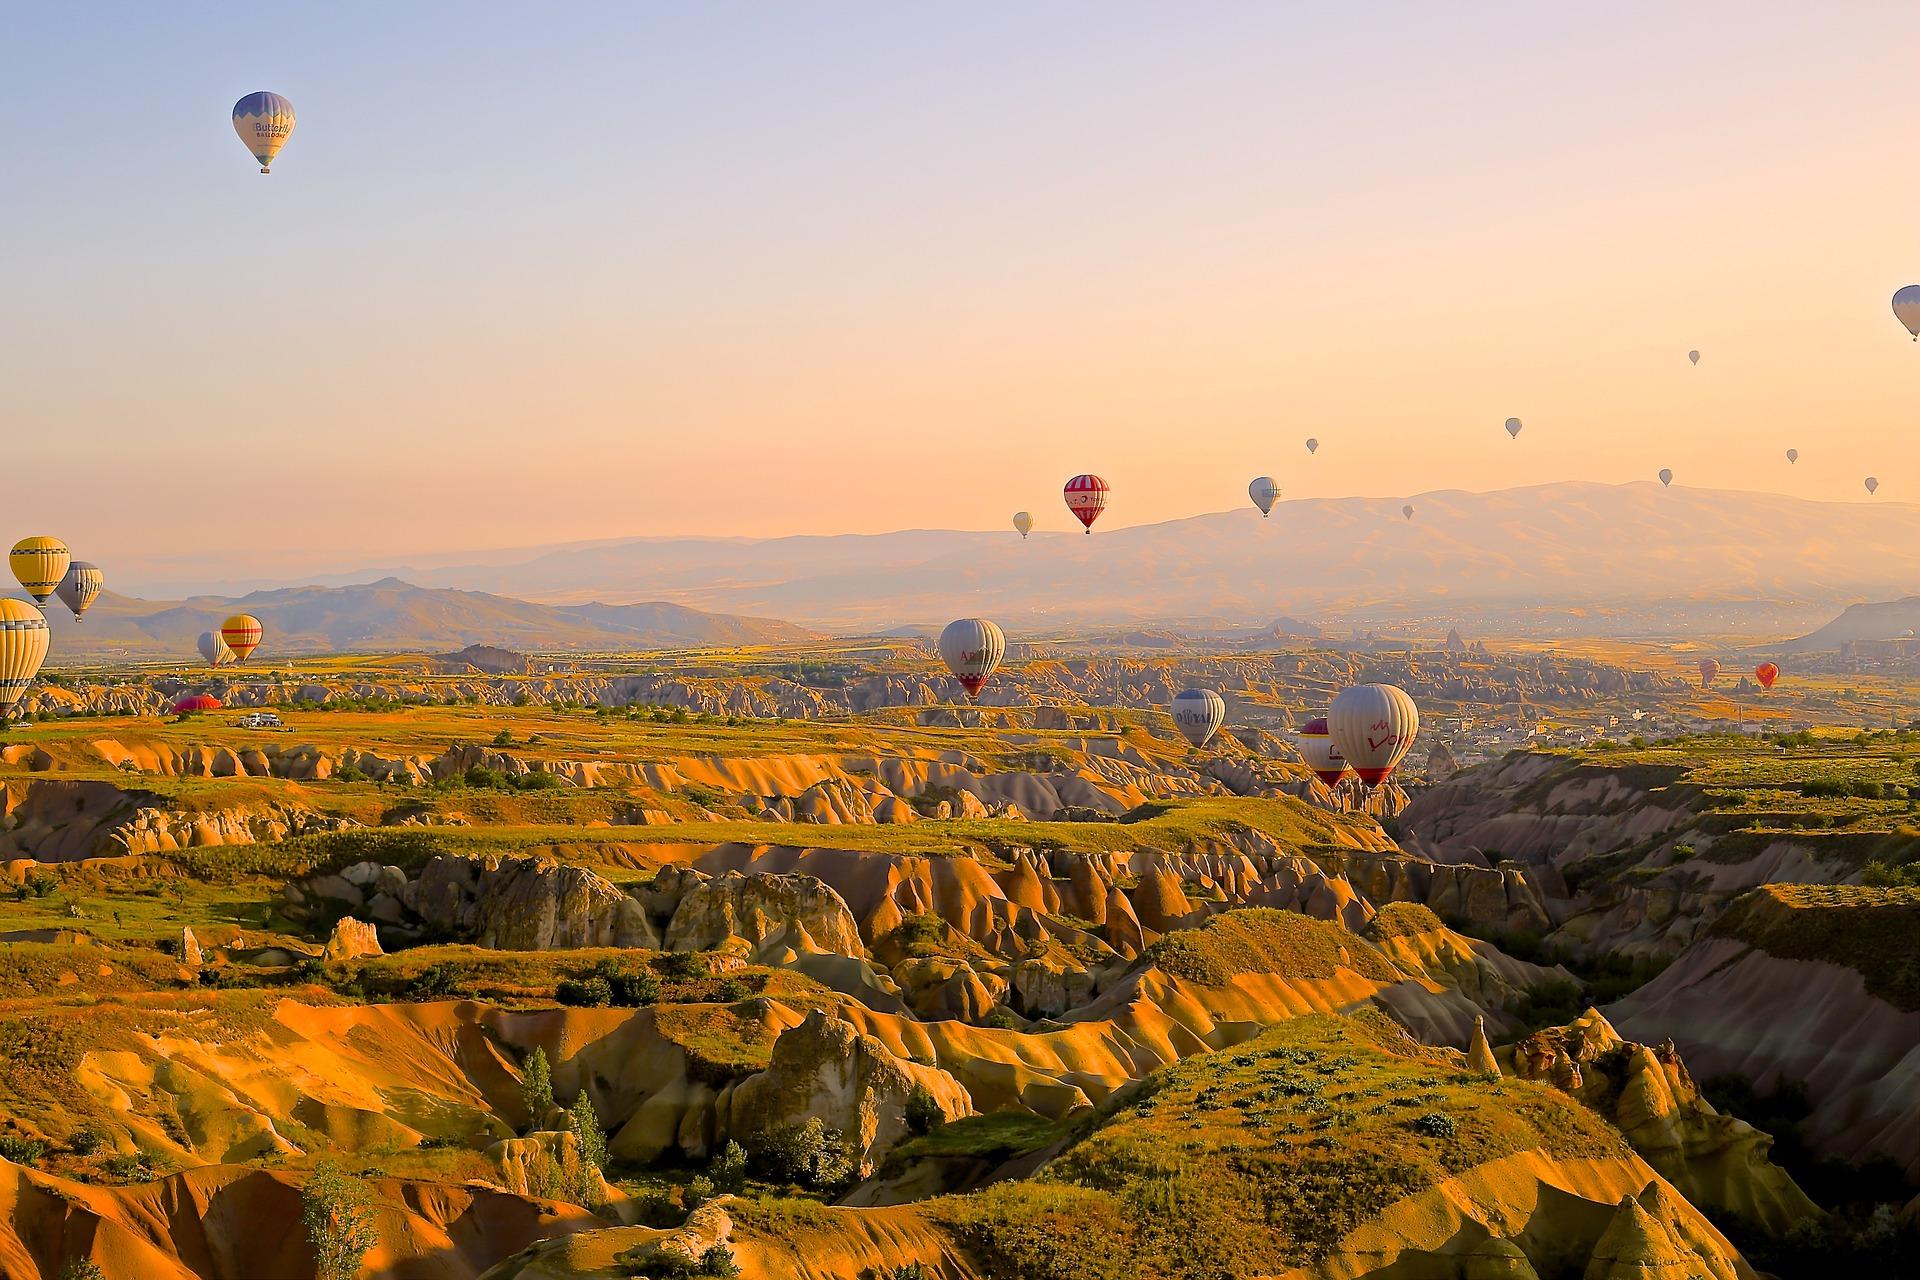 воздушные шары над Турцией